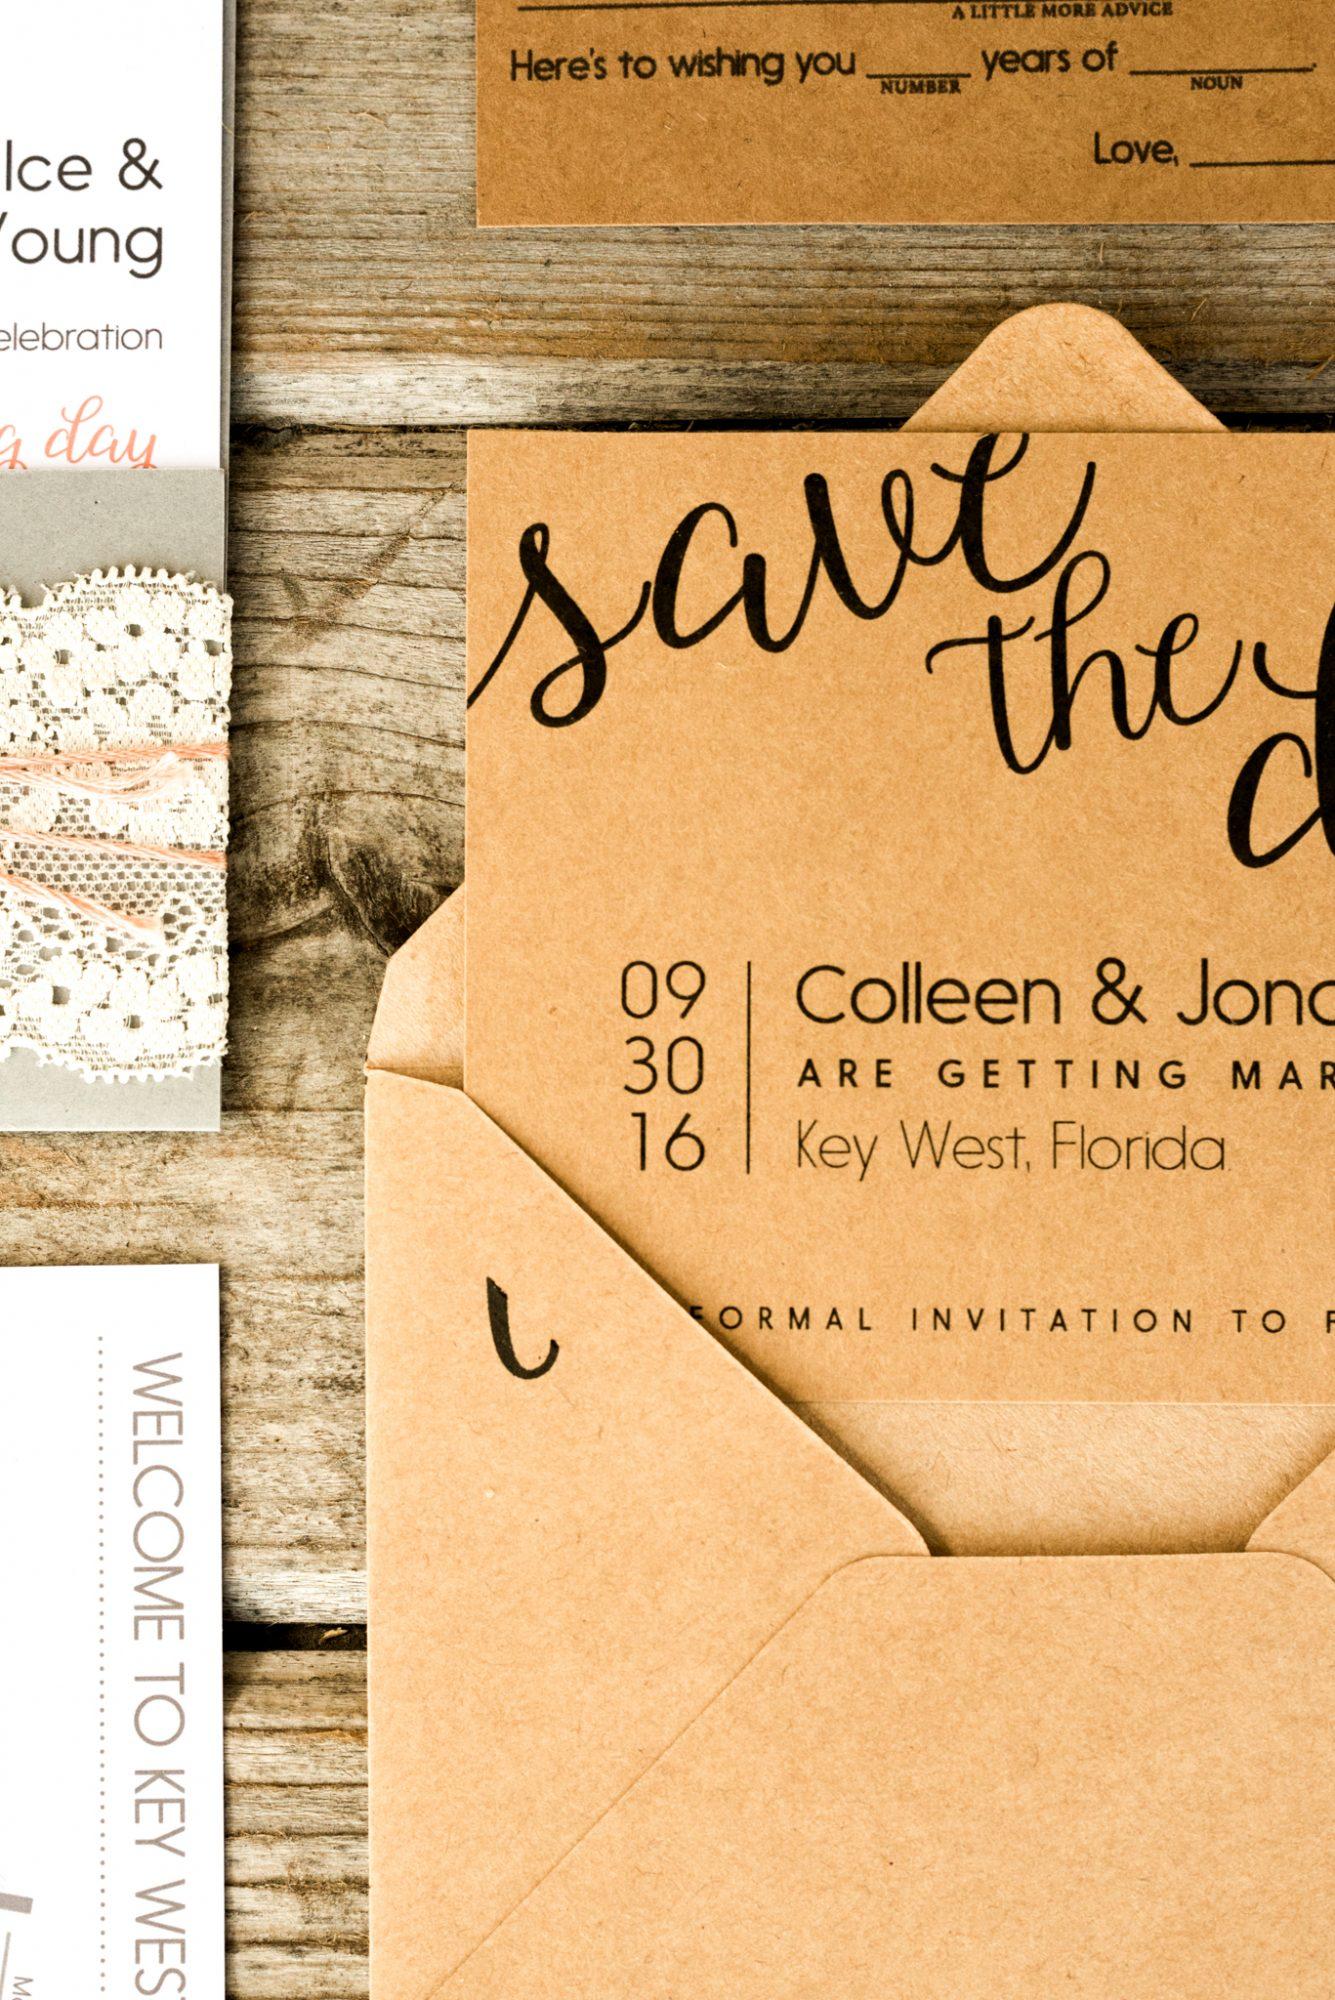 Colleen Jonathan Audubon House Wedding Key West 1 - Colleen & Jonathon | Audubon House and Gardens | Key West Wedding